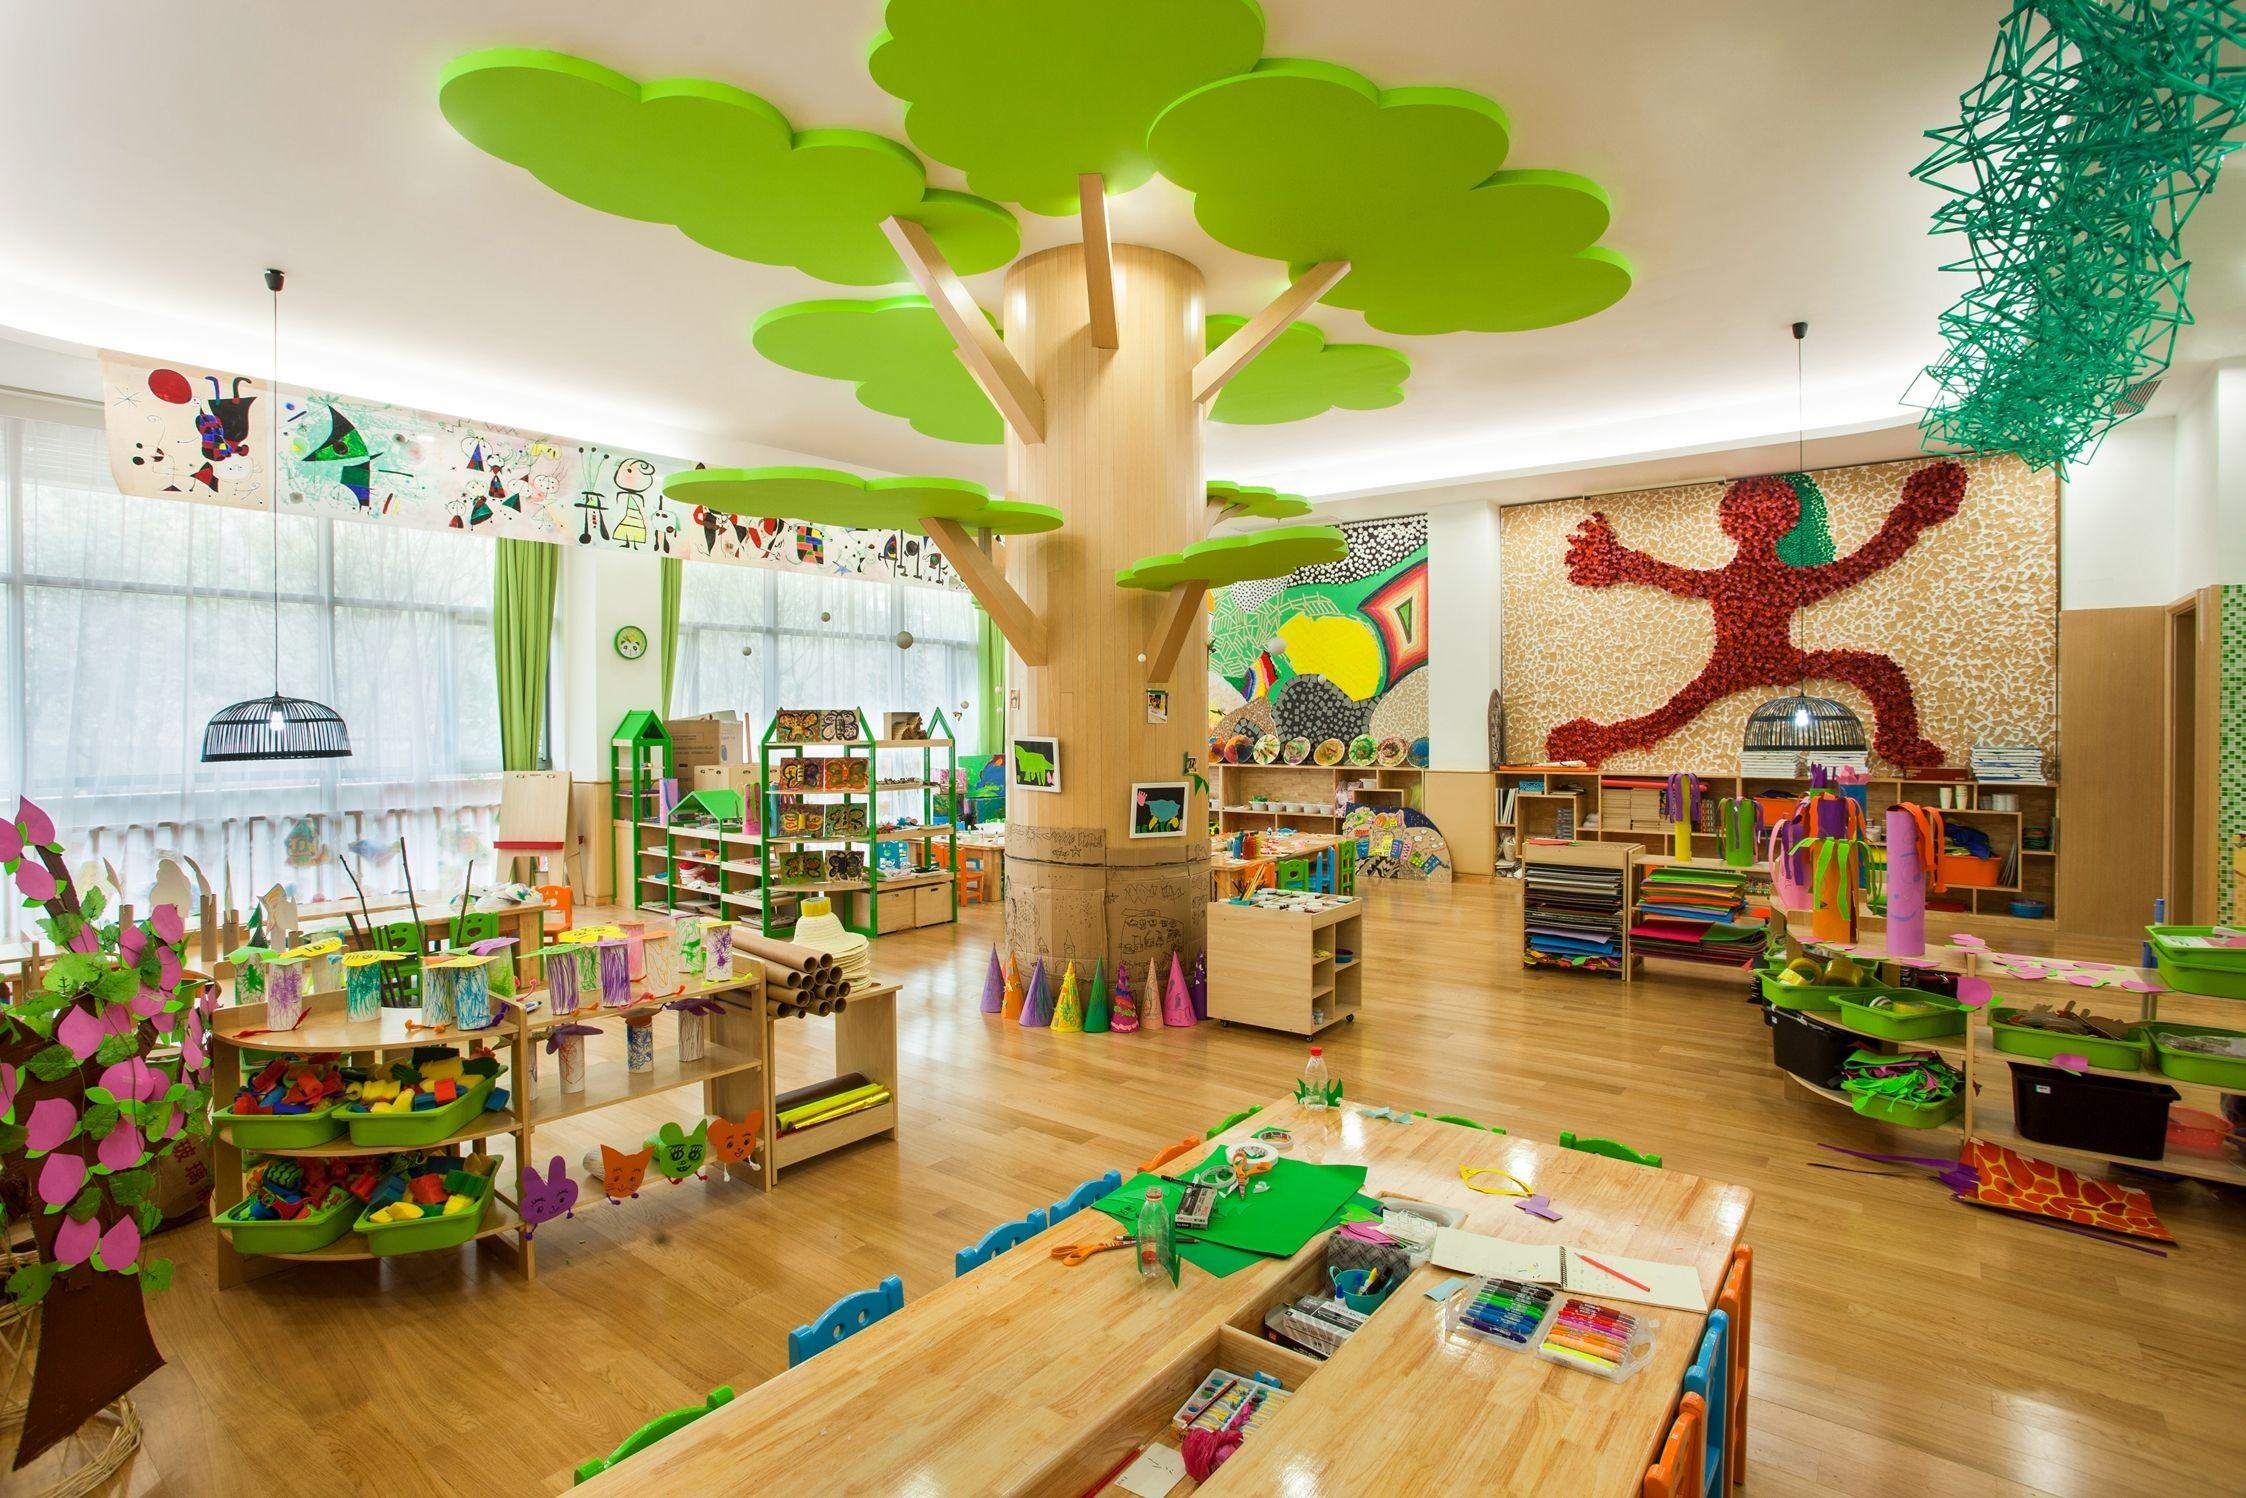 幼儿园新风系统好处—幼儿园新风系统优势介绍